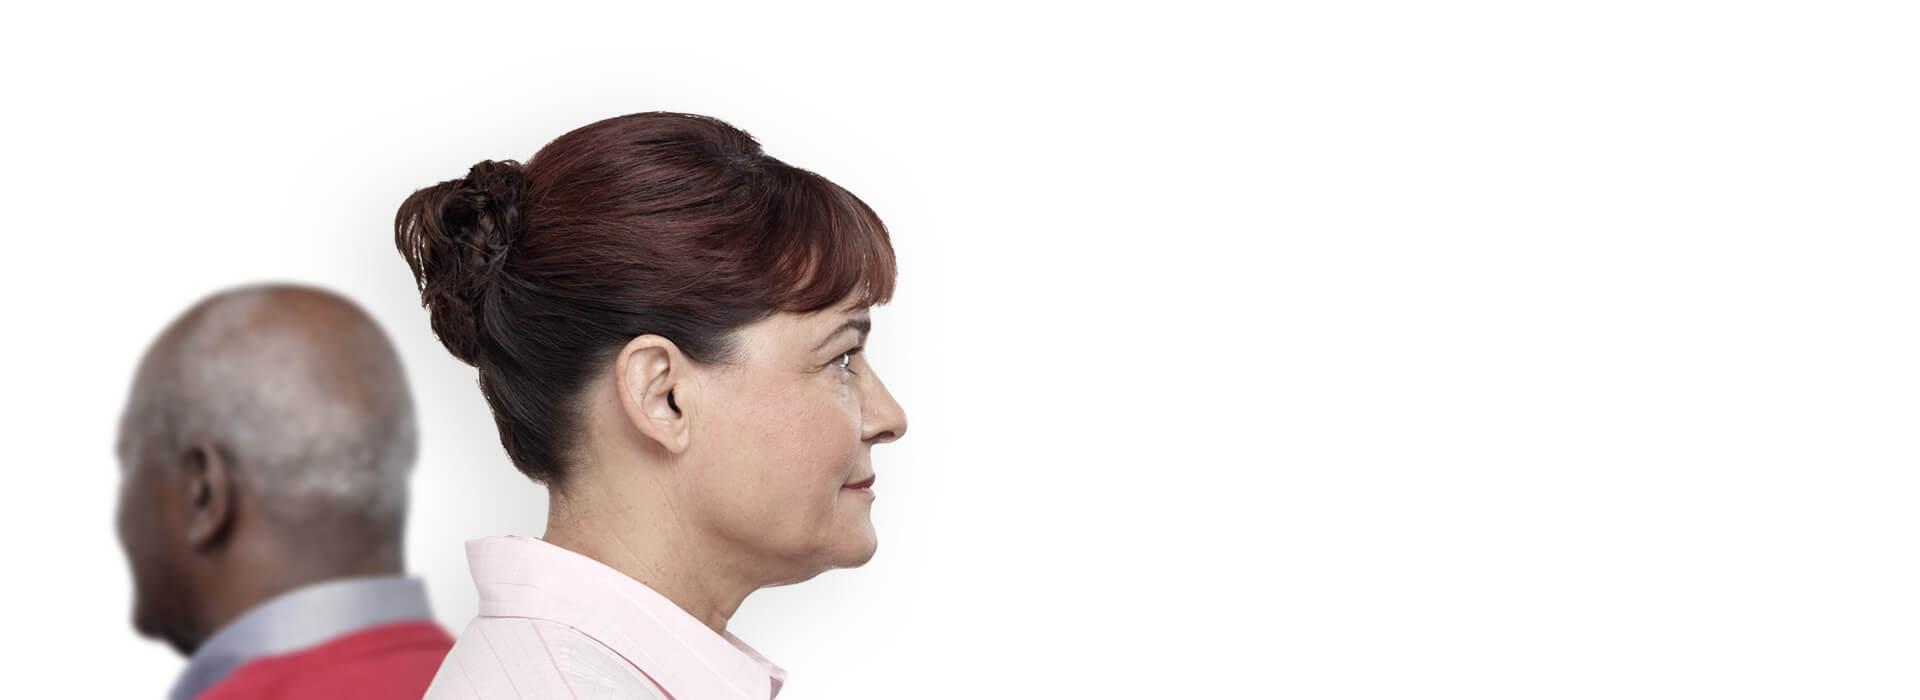 Seitliche Ansicht von einer Frau mit Im-Ohr-Hörgeräten